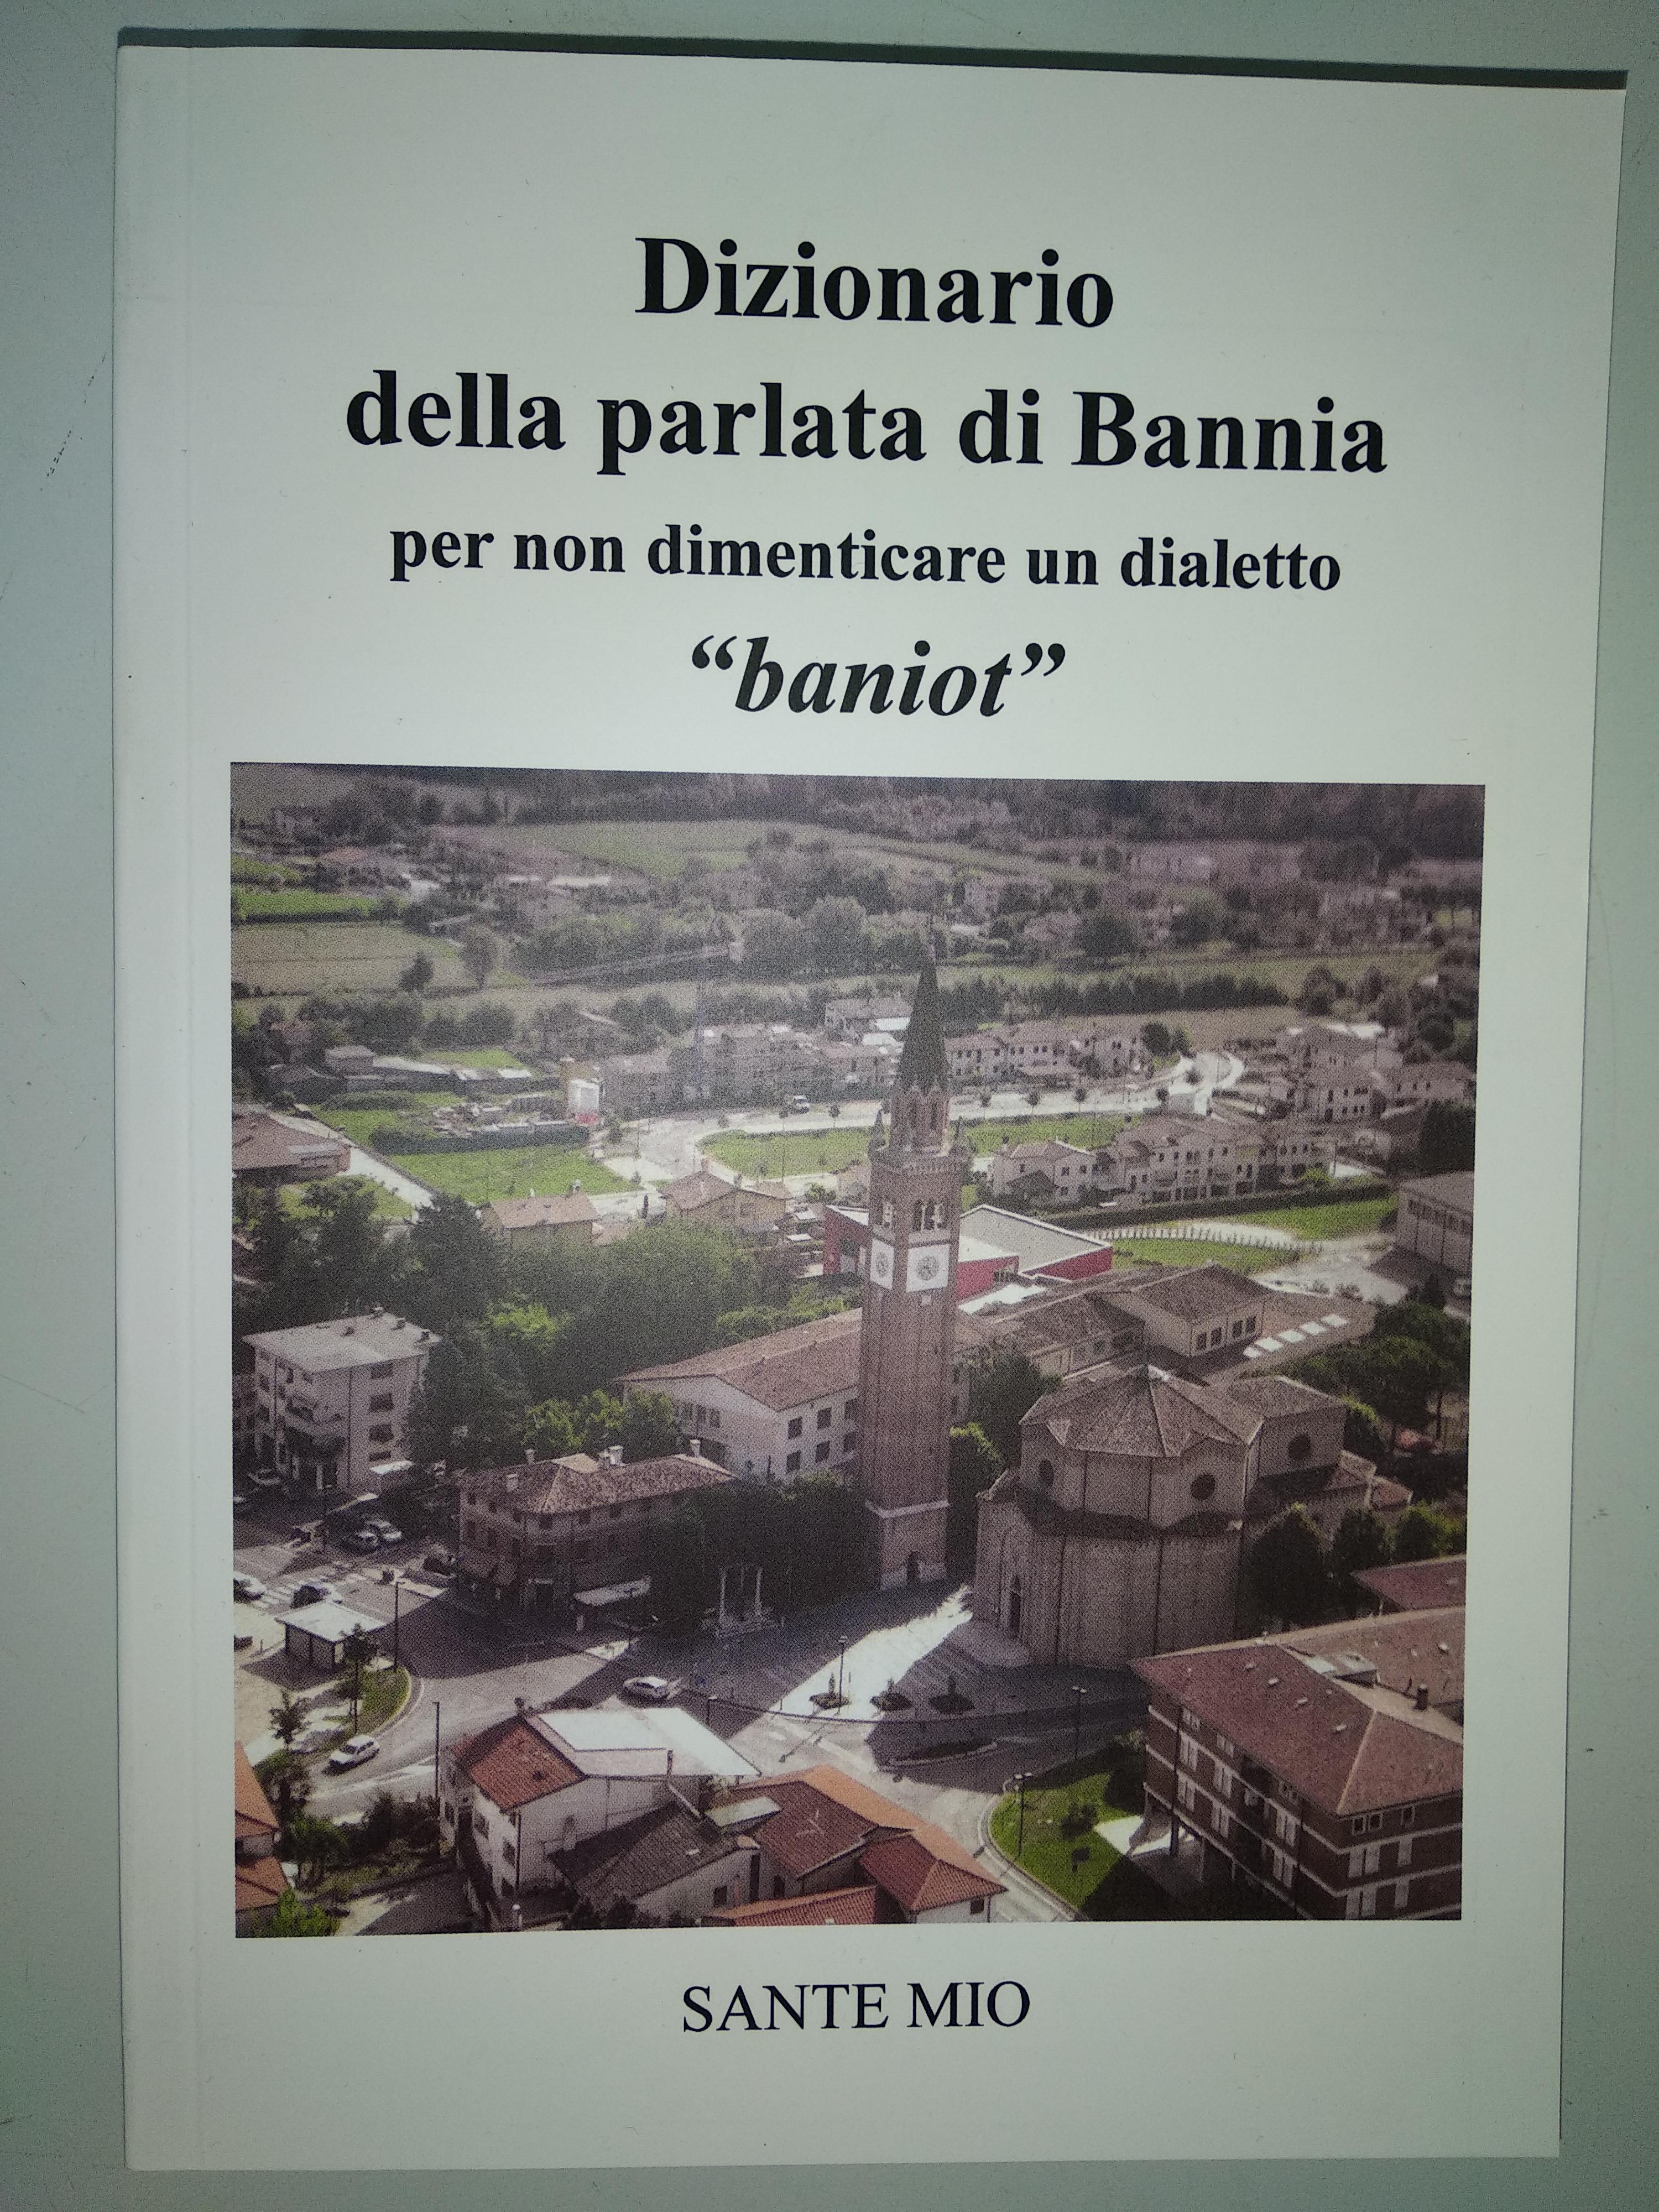 Dizionario della parlata di Bannia